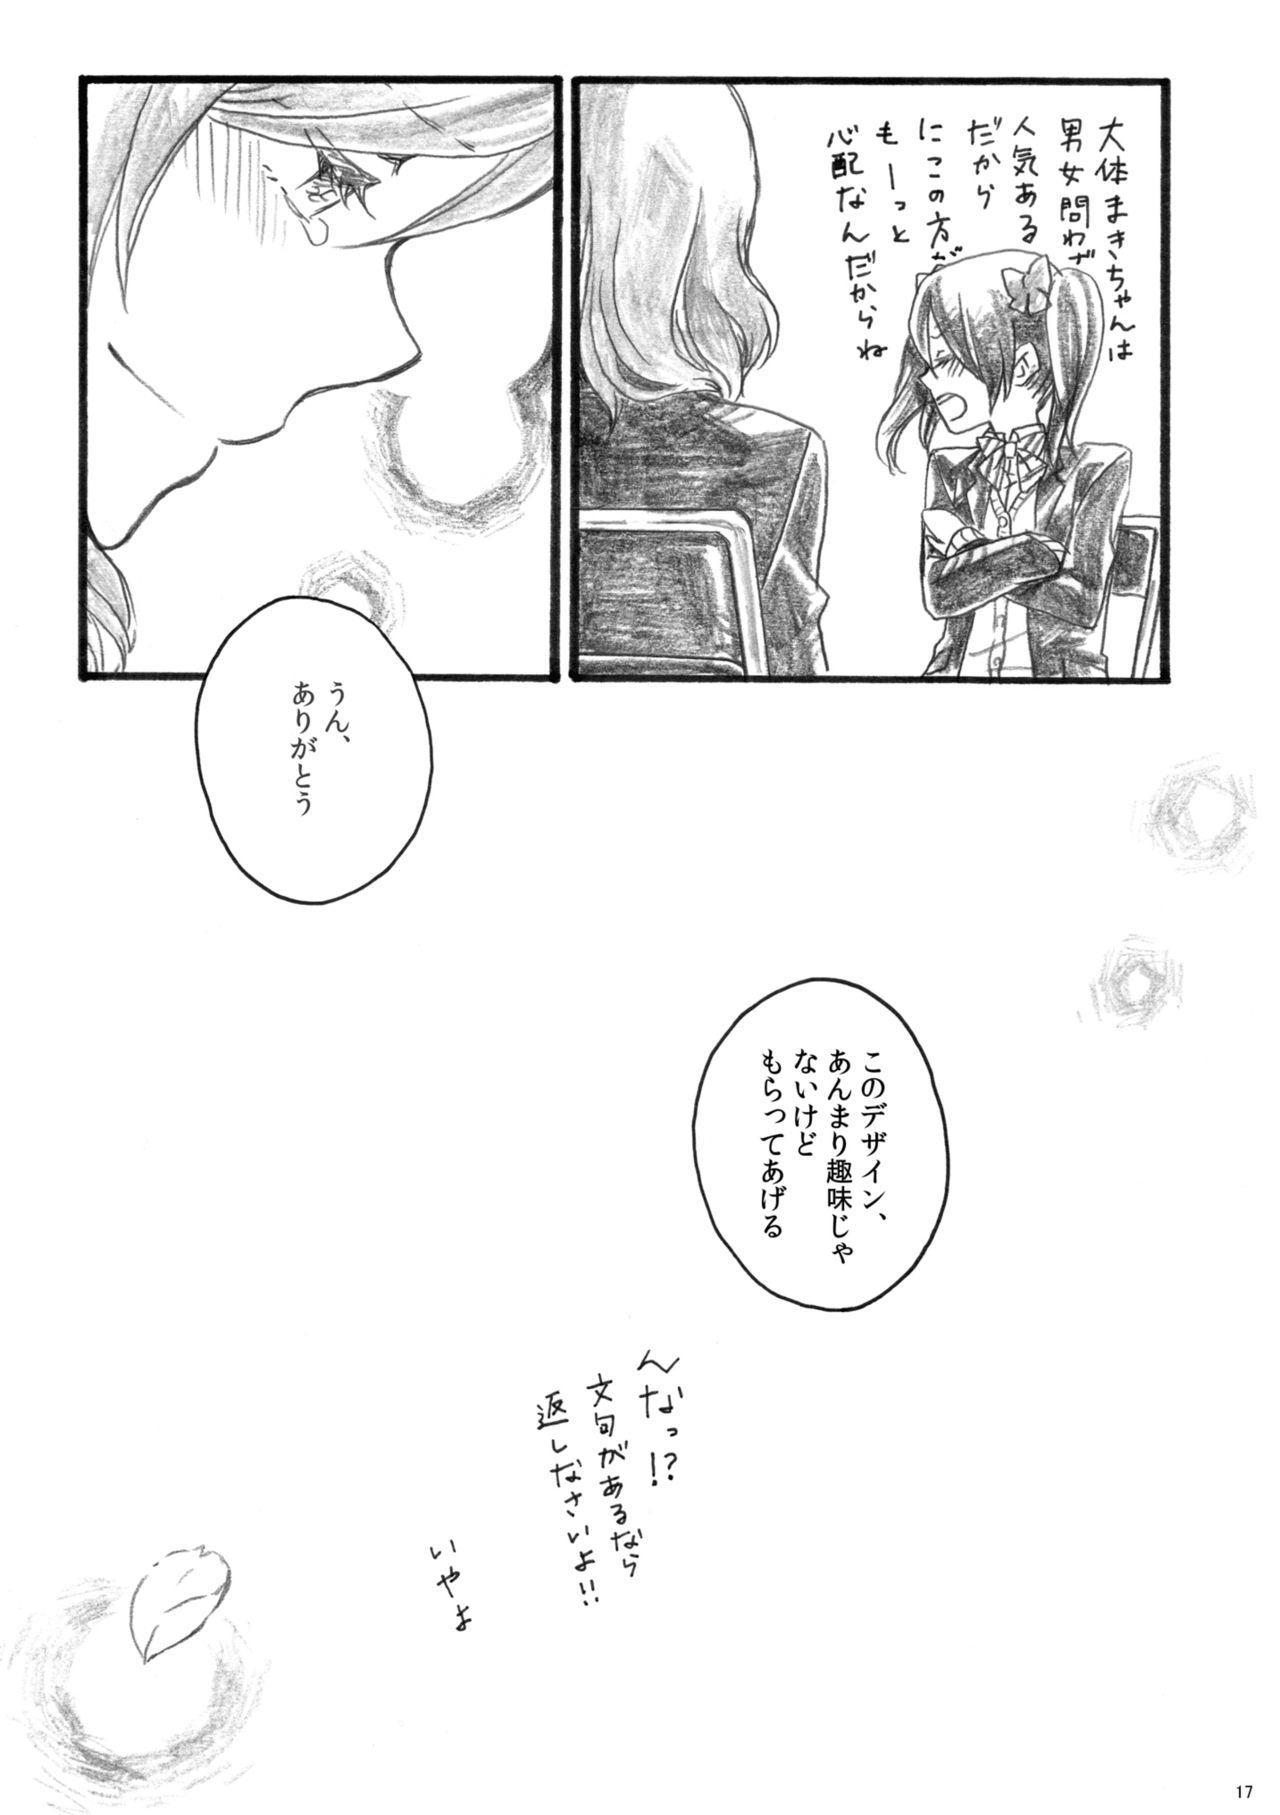 Sakura no ato 16